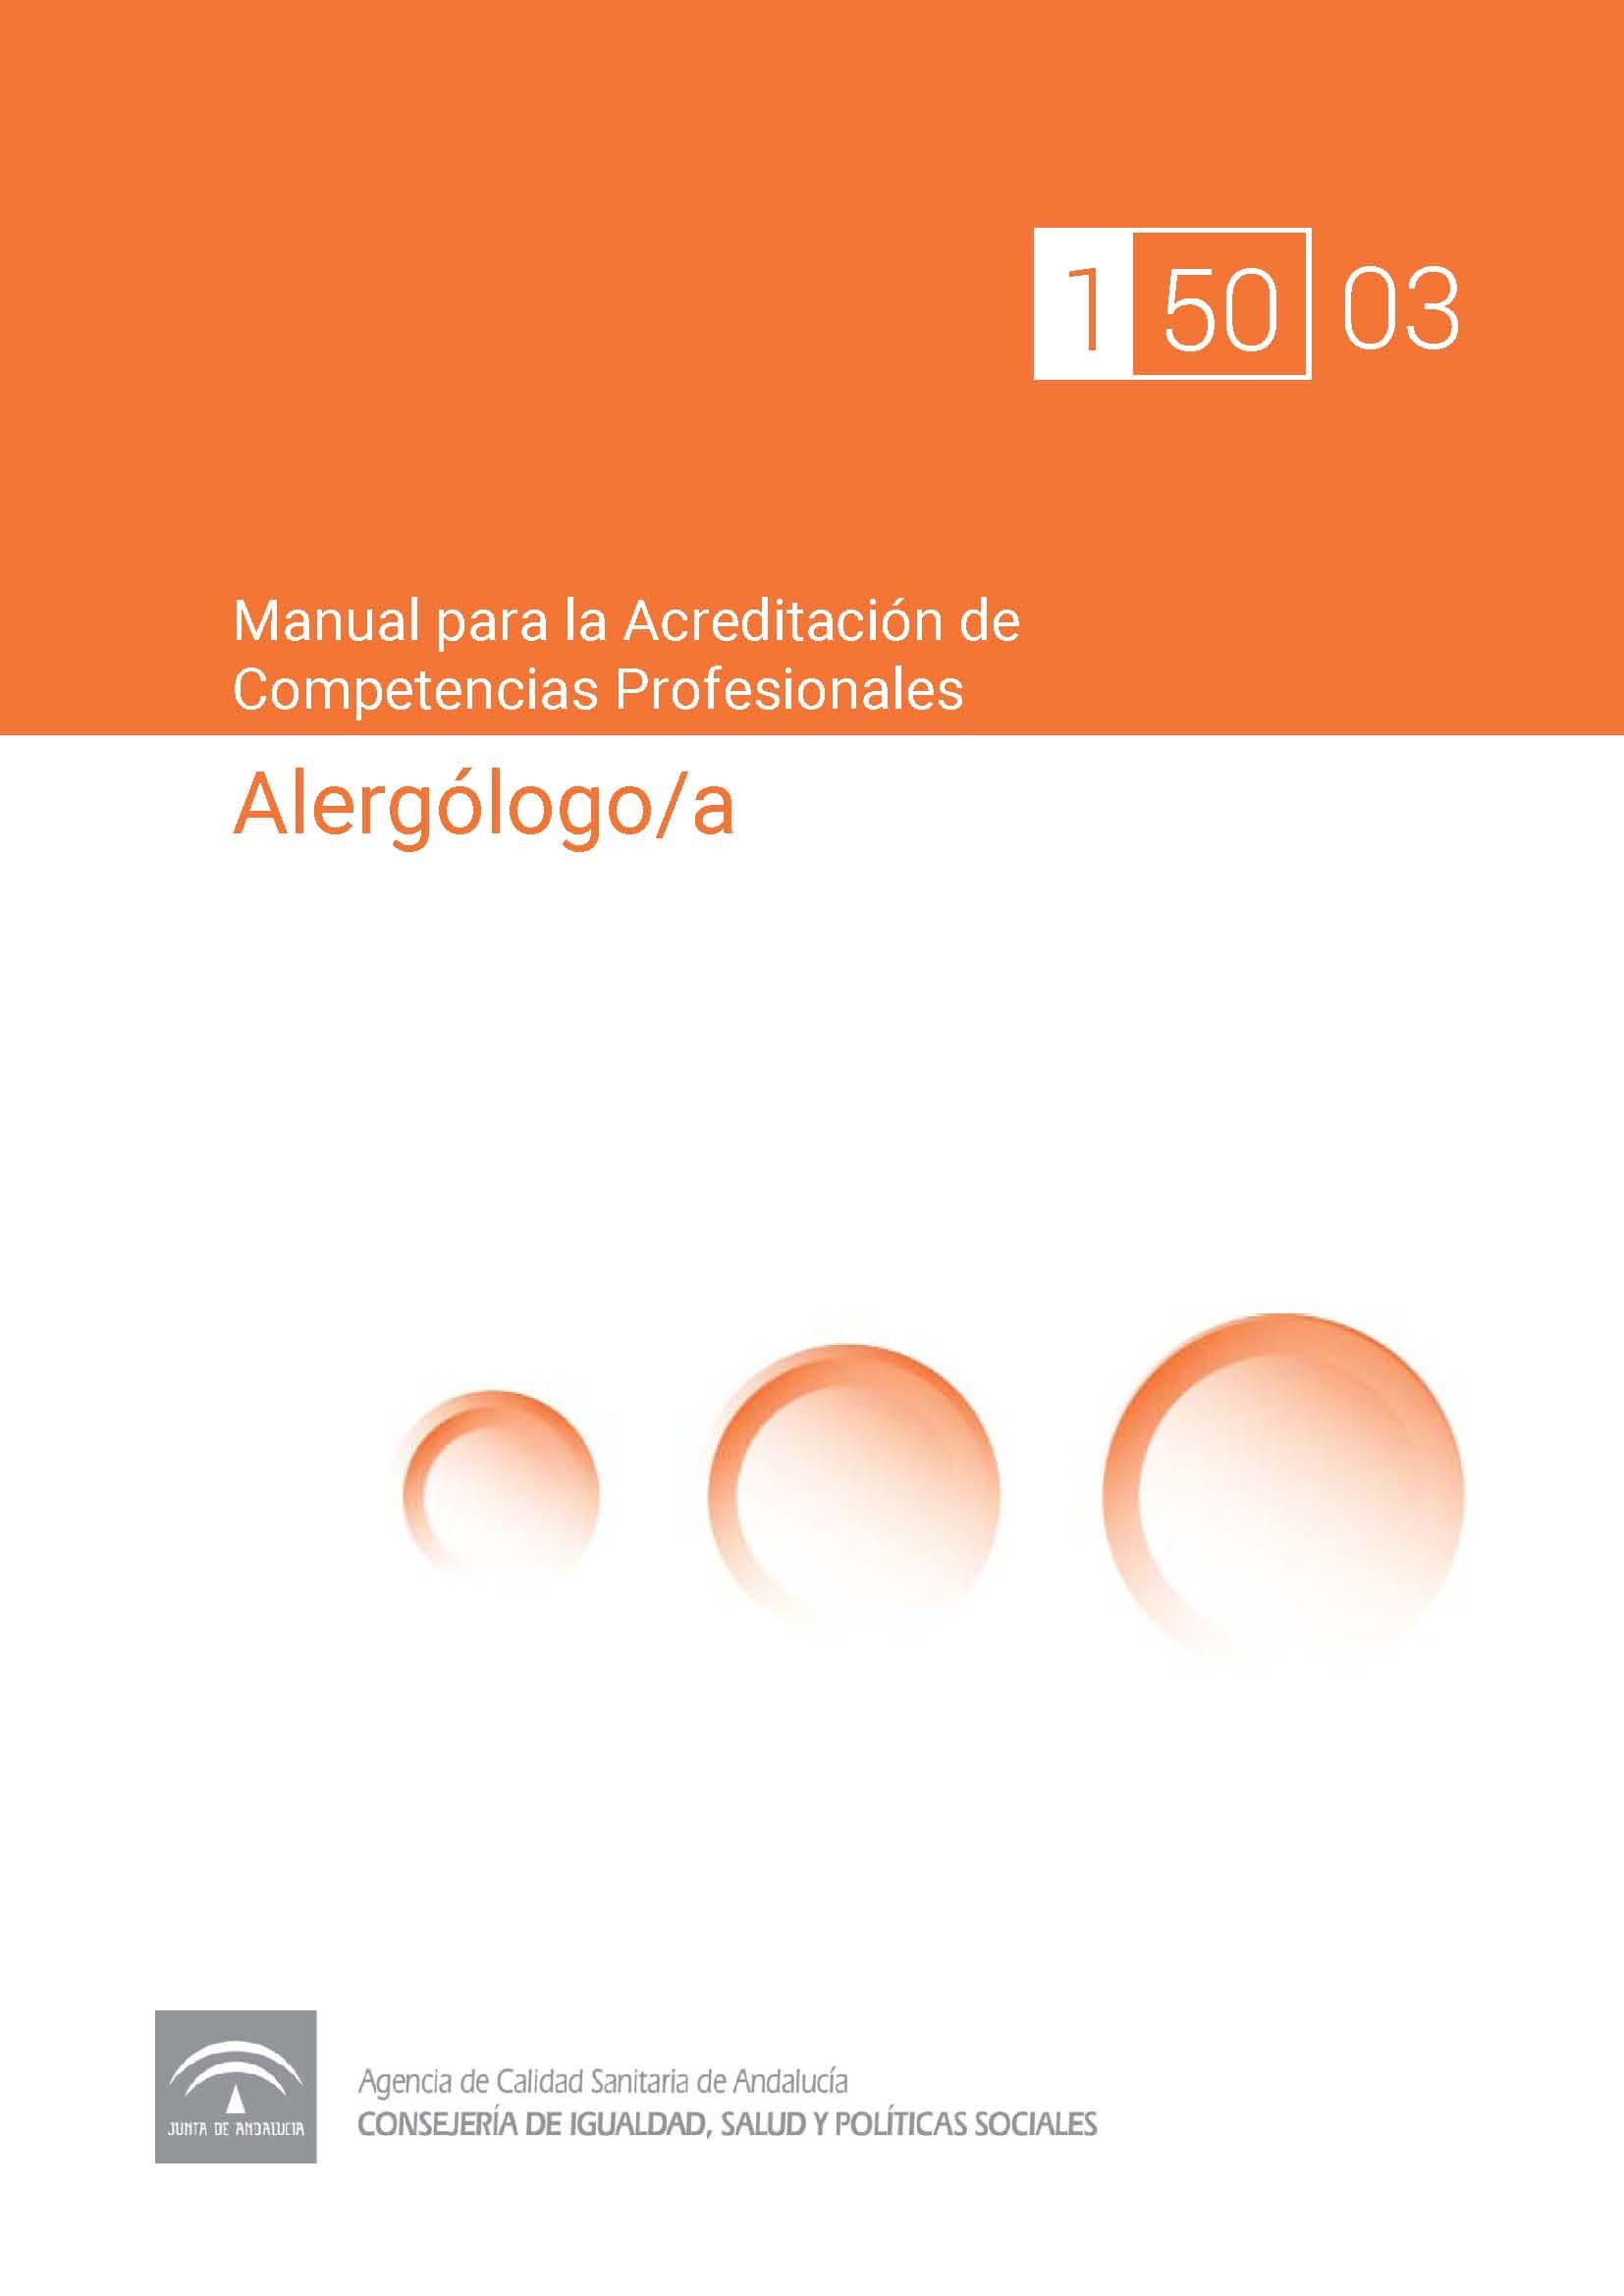 Manual de competencias profesionales del/de la Alergólogo/a